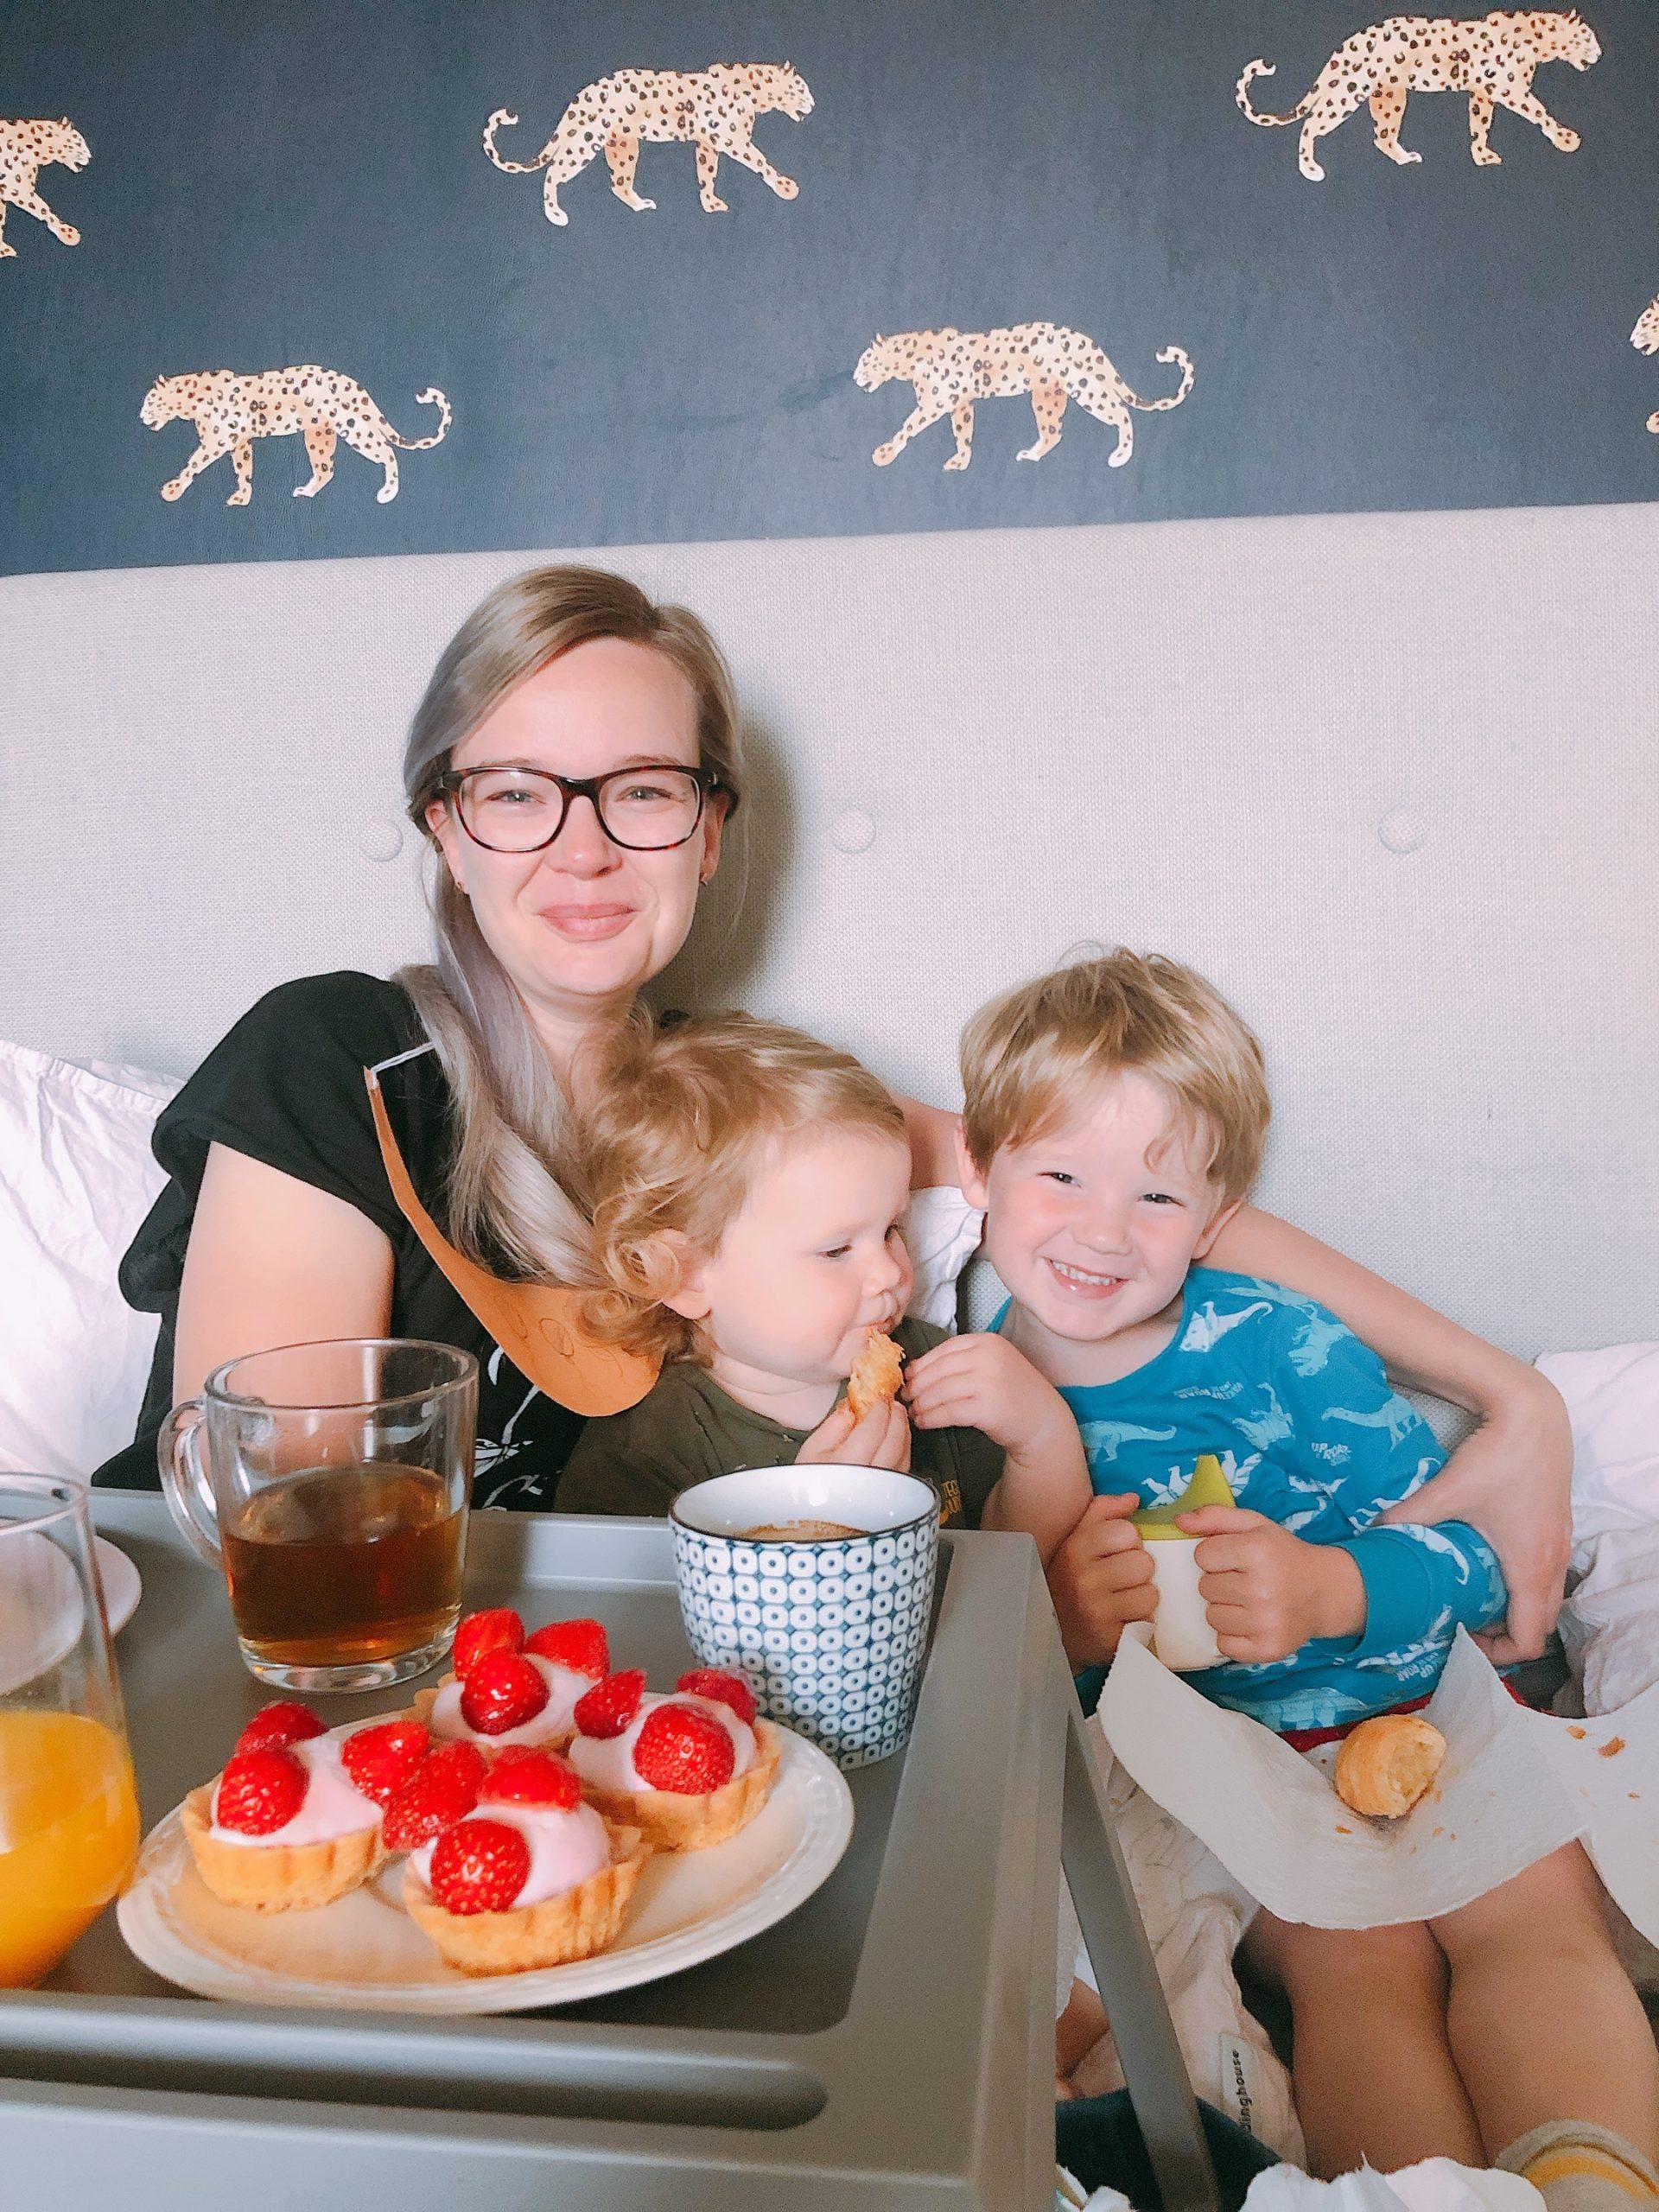 IMG 6777 scaled - Elise's Weekly Pictorama #32 - Moederdag vieren & kindjes terug naar school!